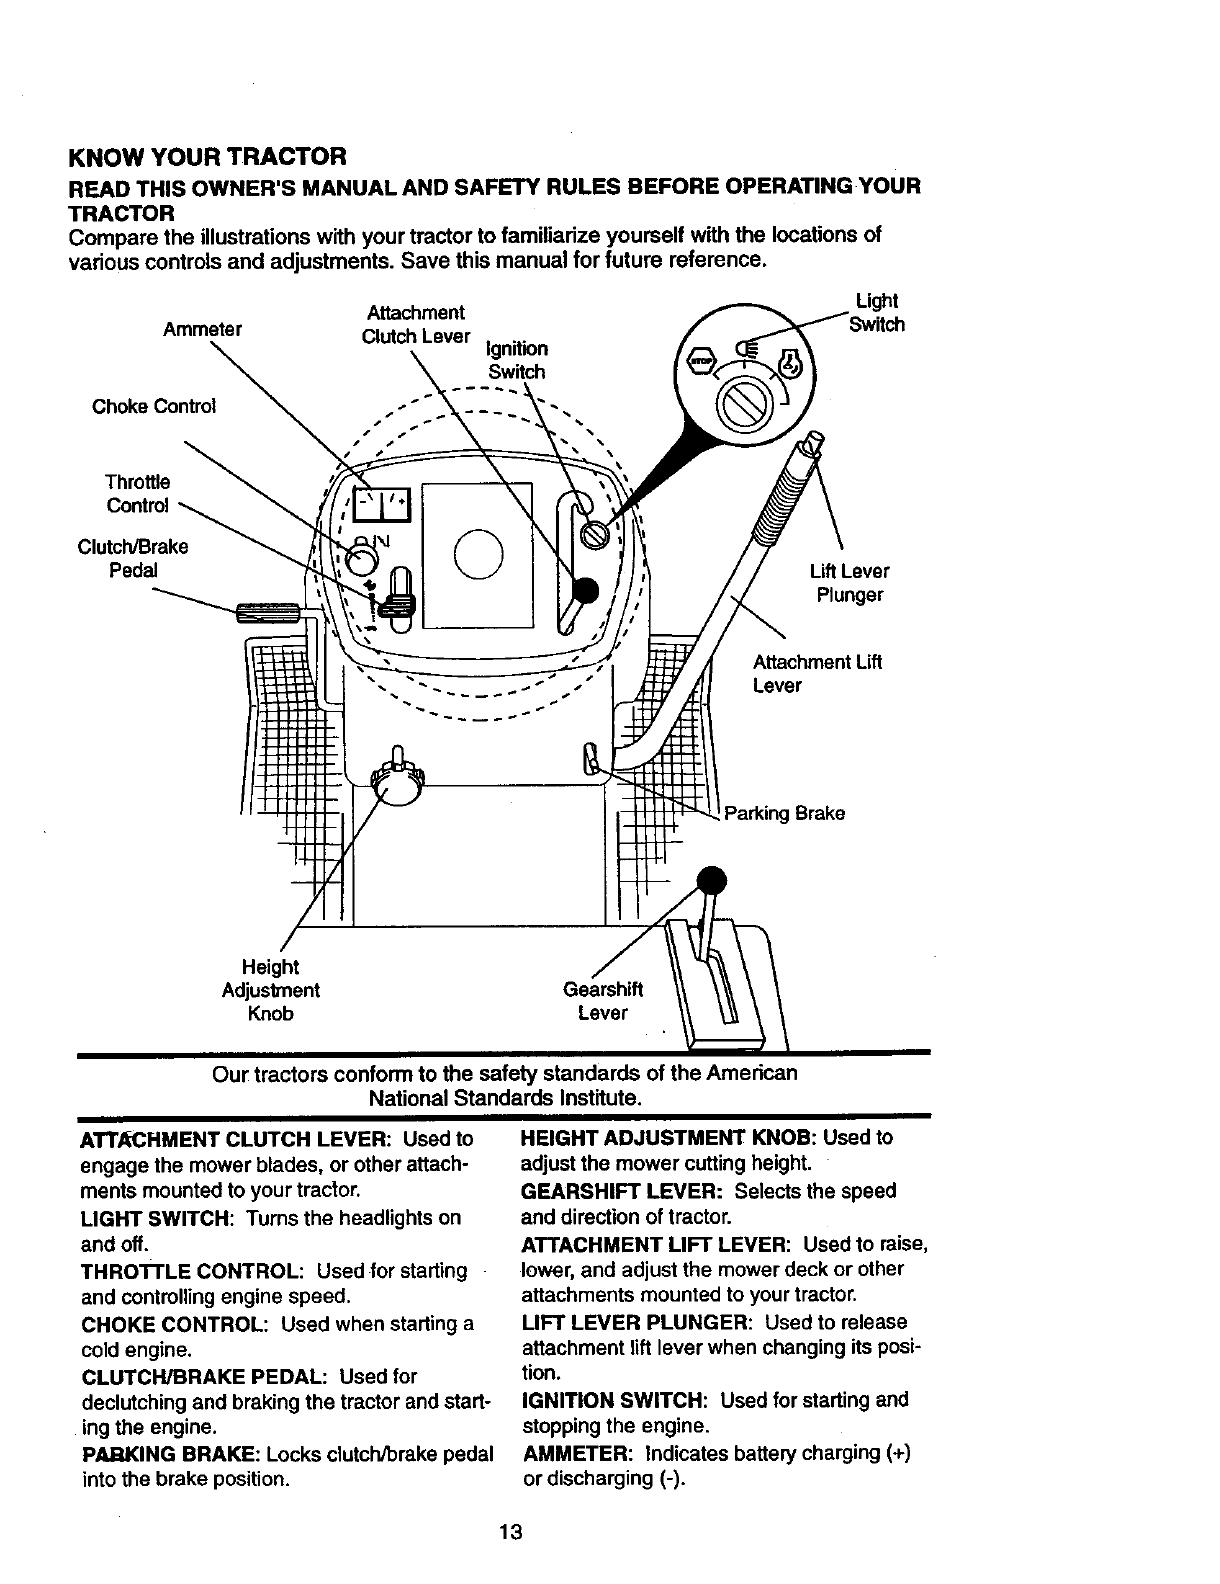 User's manual of 825i Brake Pedal Start Mod User's Guide